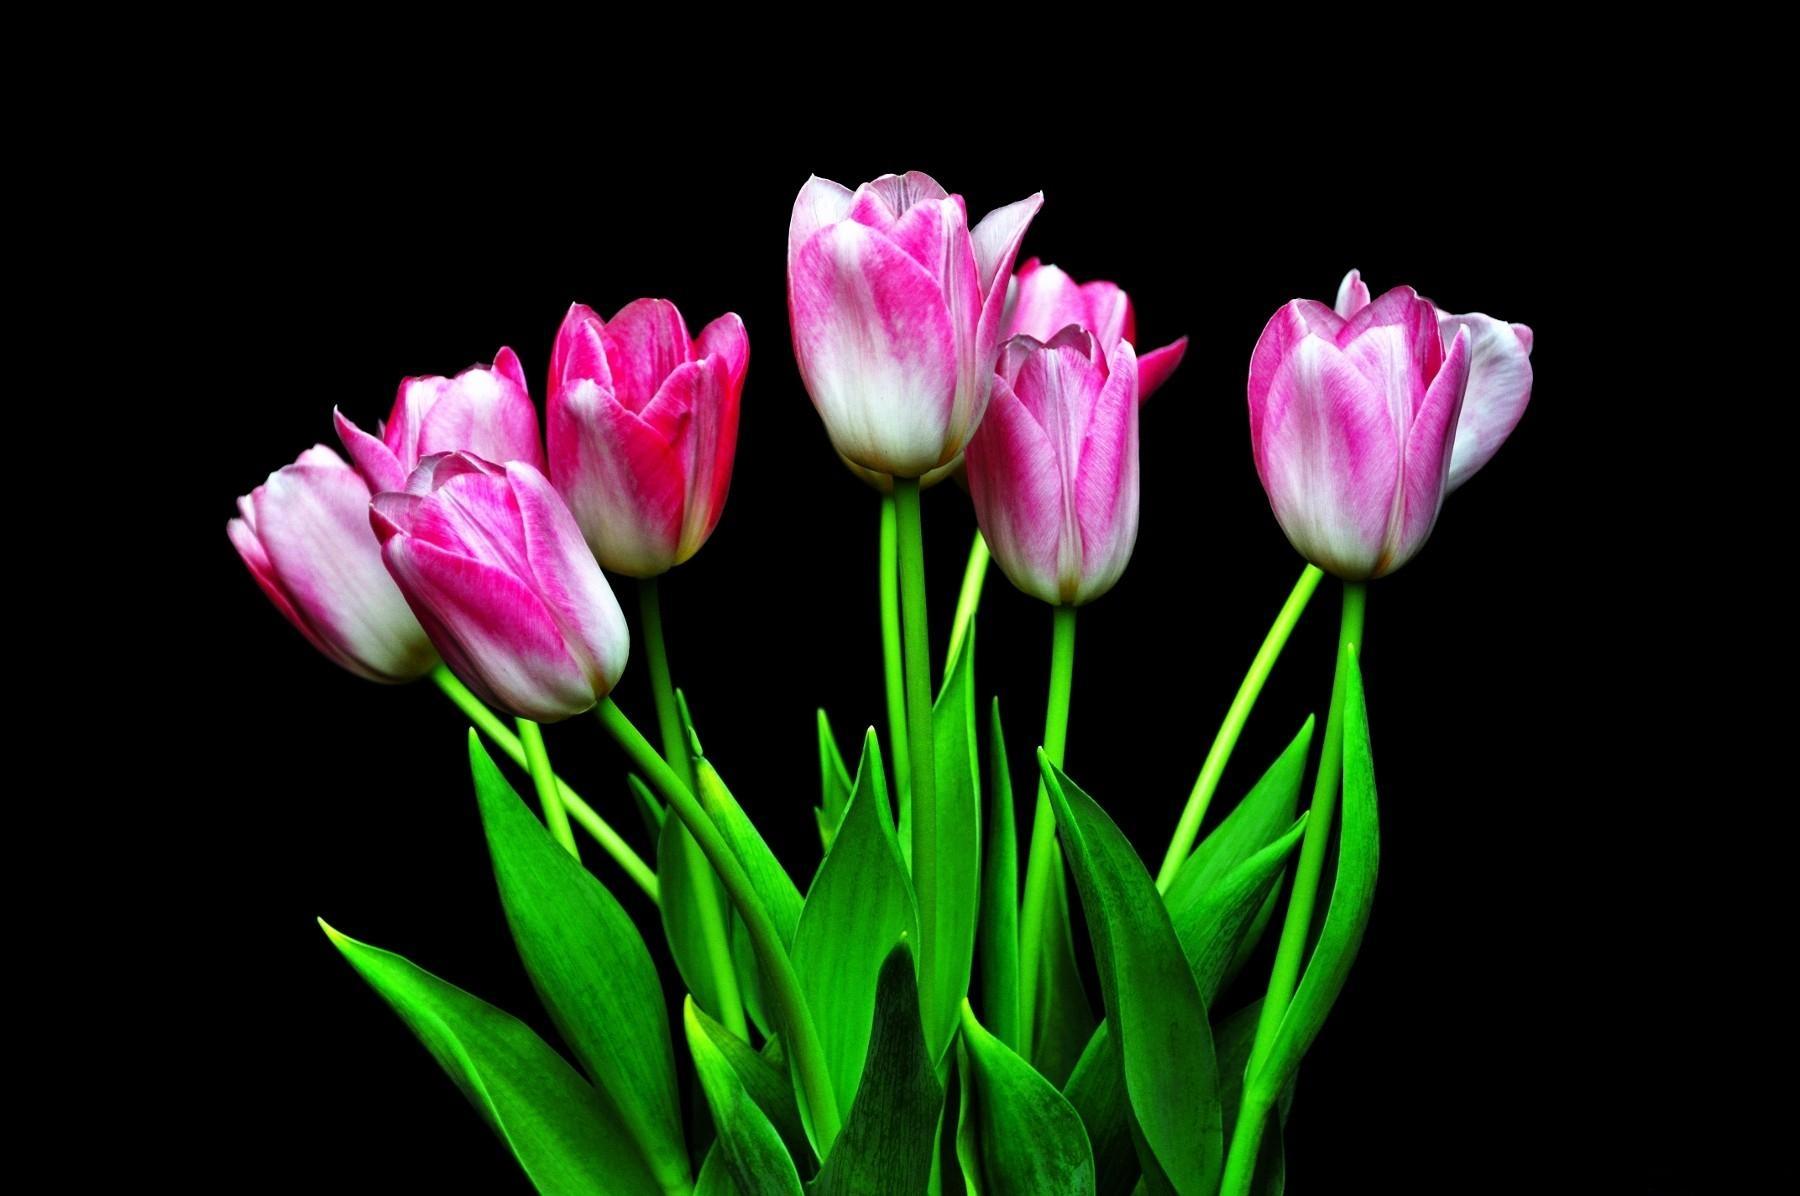 Wallpaper Tulips Flowers Flower Black Background 1800x1196 1057194 Hd Wallpapers Wallhere